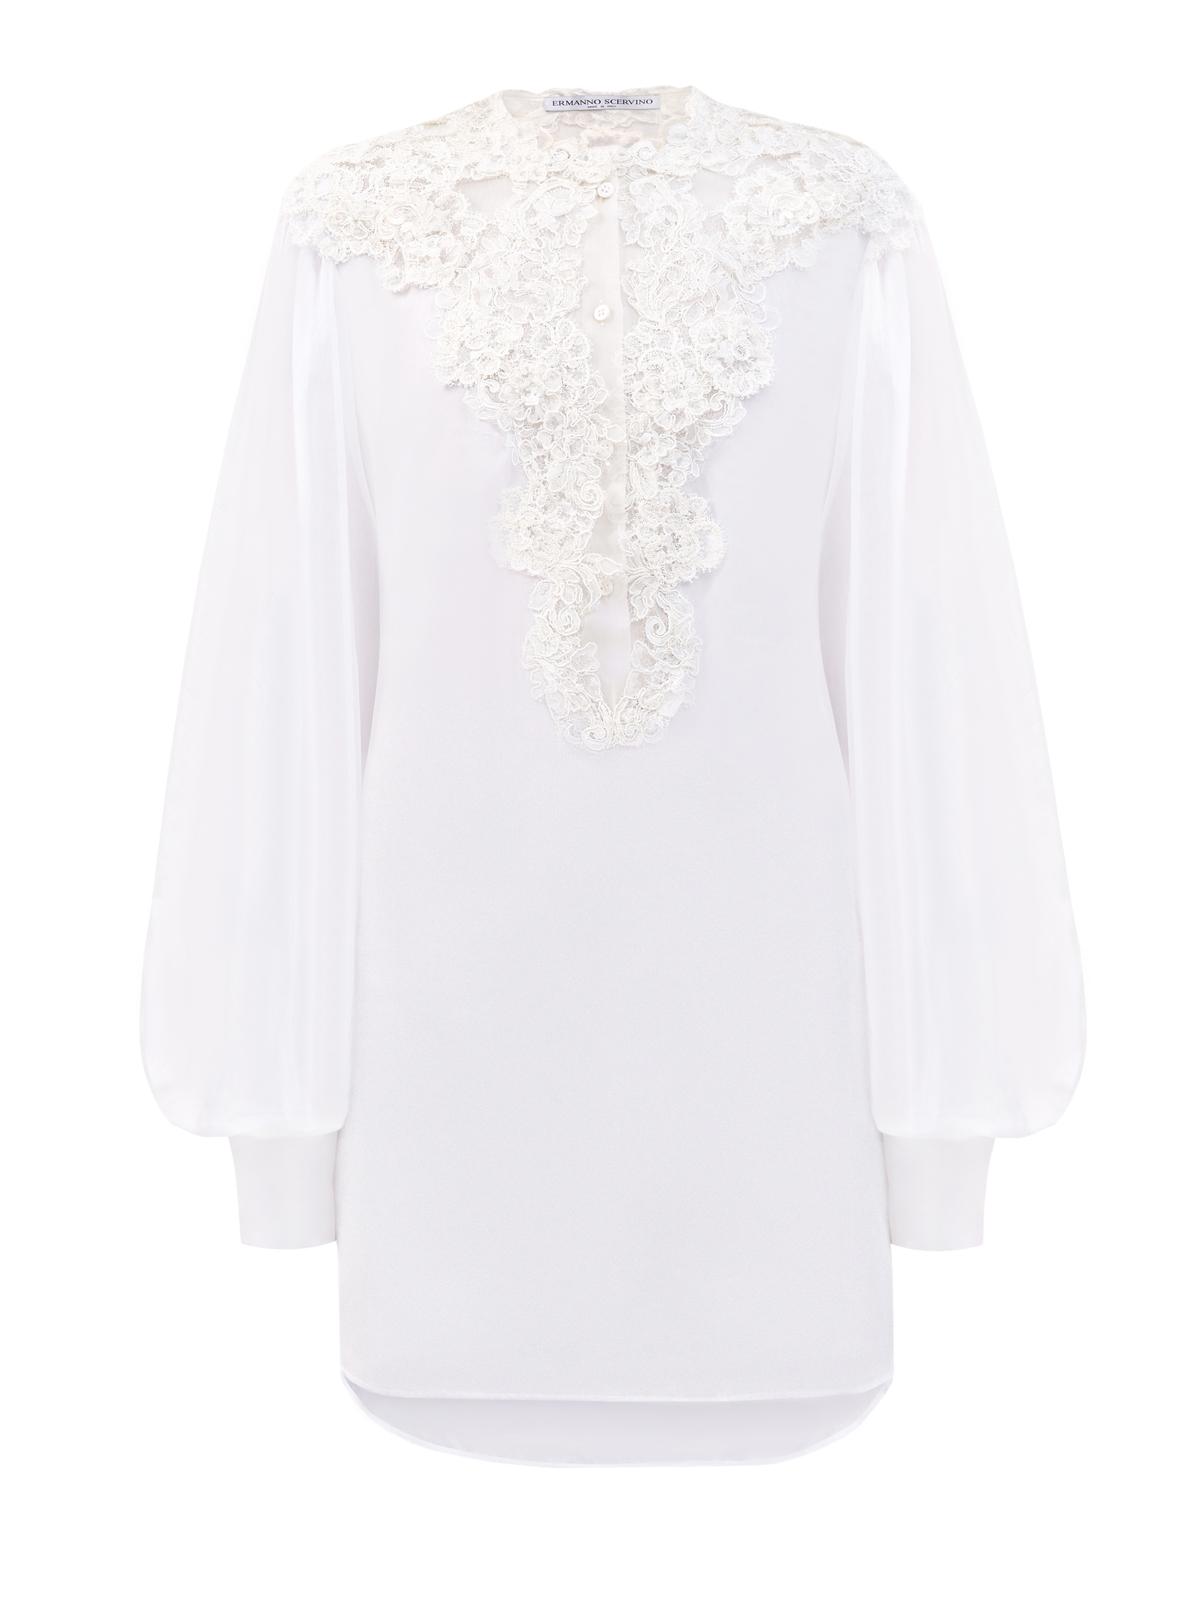 Рубашка из хлопкового муслина с кружевной вышивкой